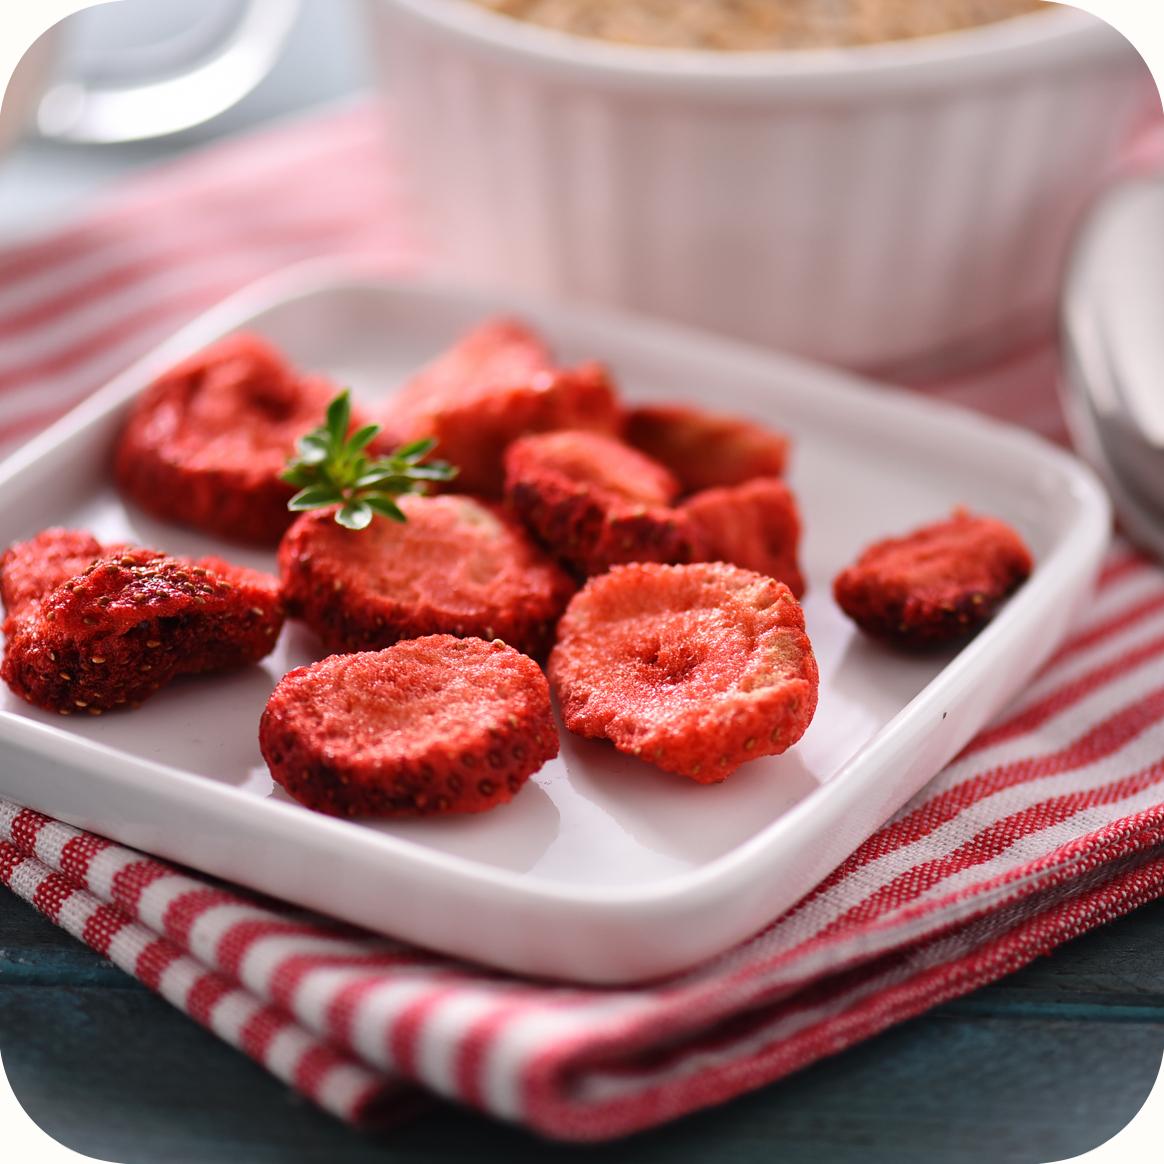 乐滋草莓脆片 冻干草莓干 零食 20g   153